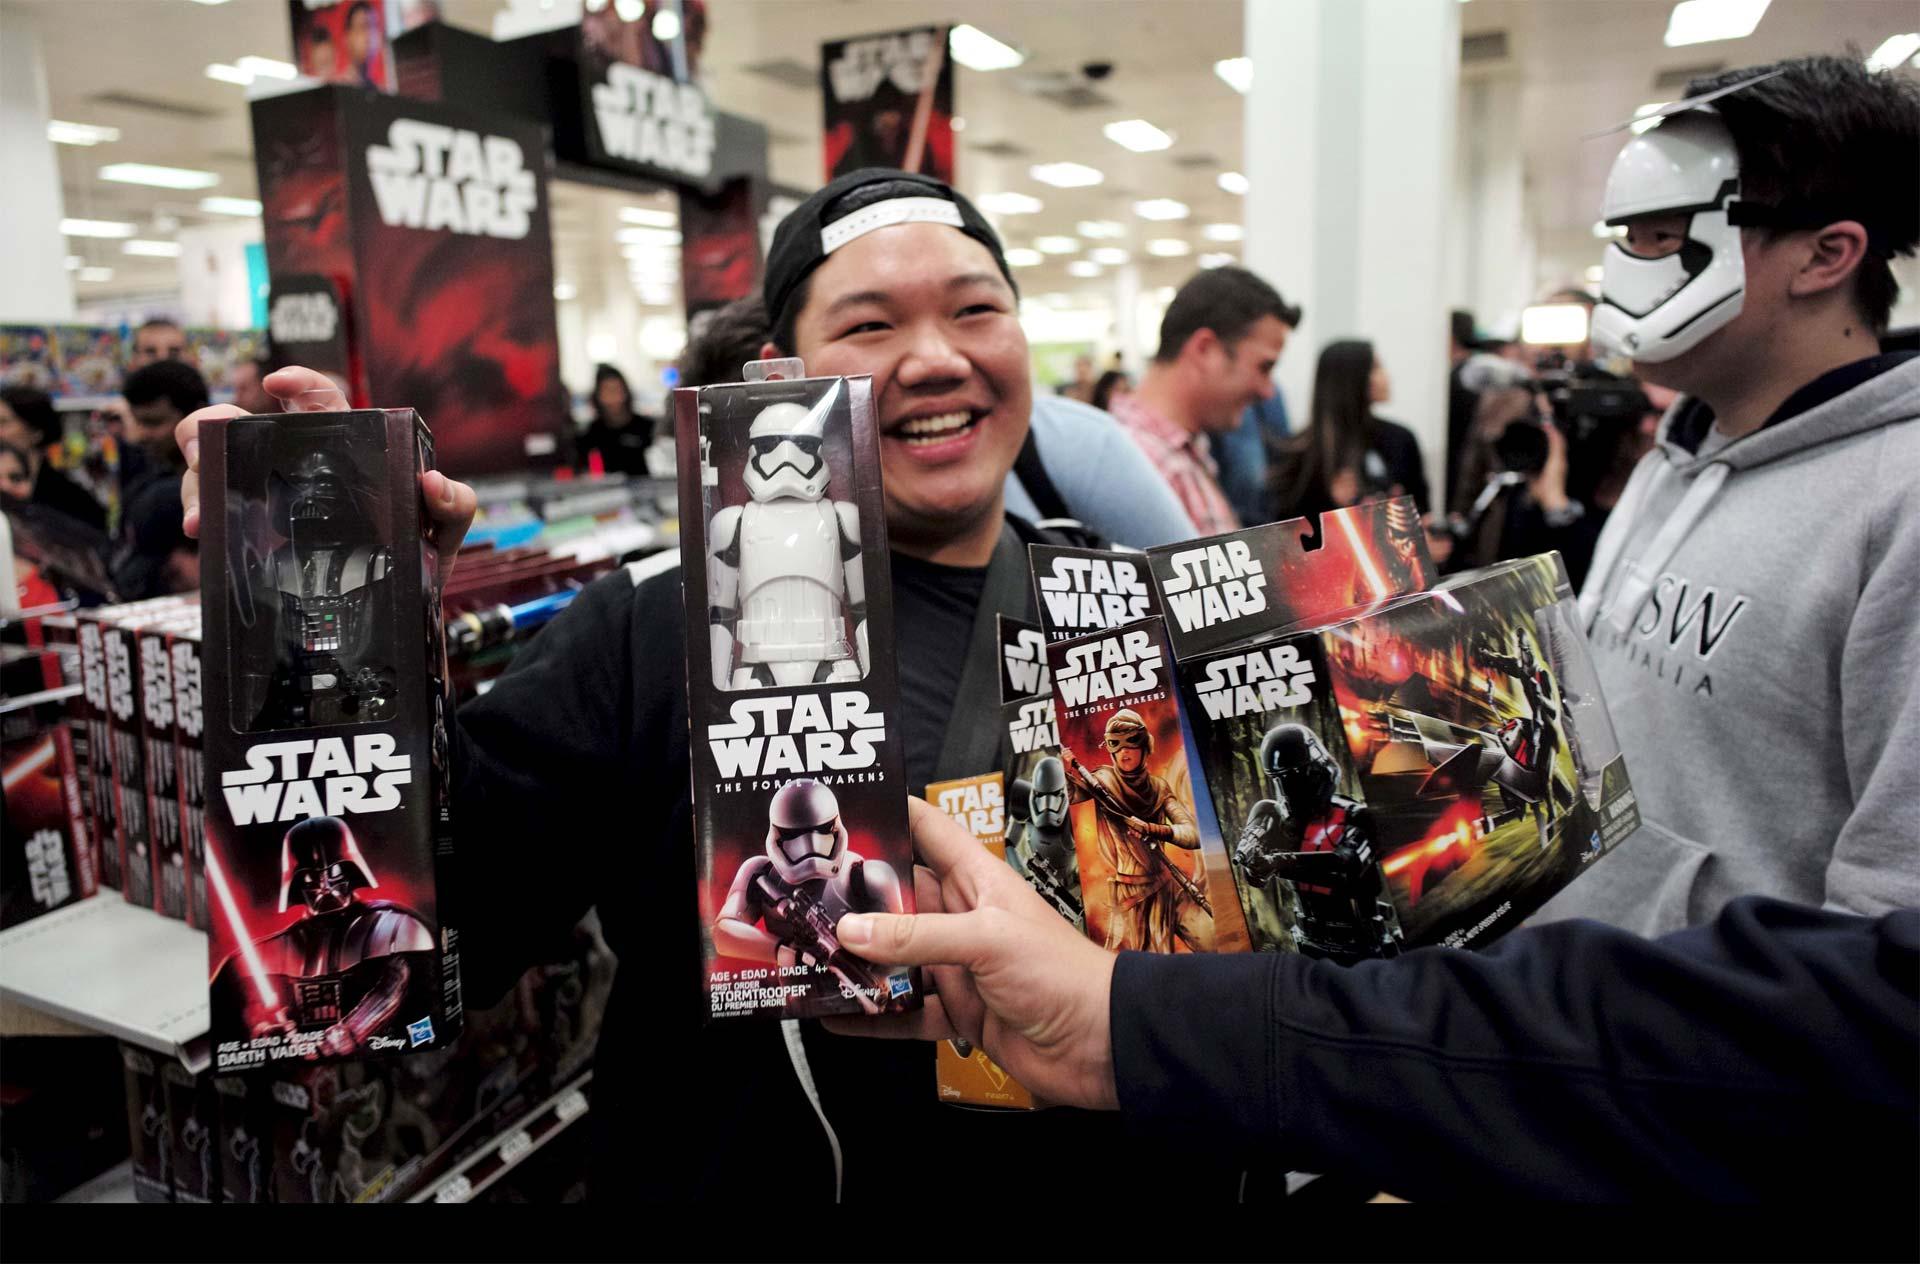 El último episodio de la saga de ciencia ficción ha sido un éxito comercial en venta de juguetes